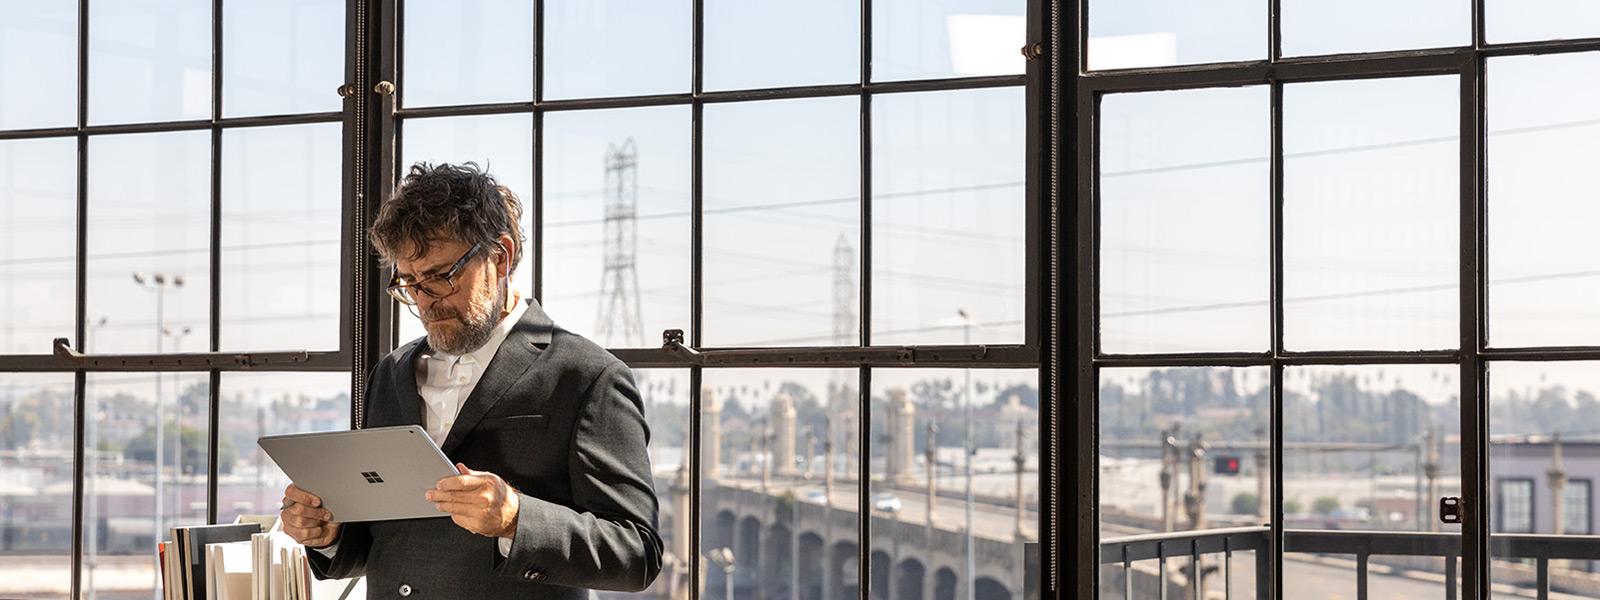 窓際に立ってタブレットモードで Surface Book 3 を見ている男性